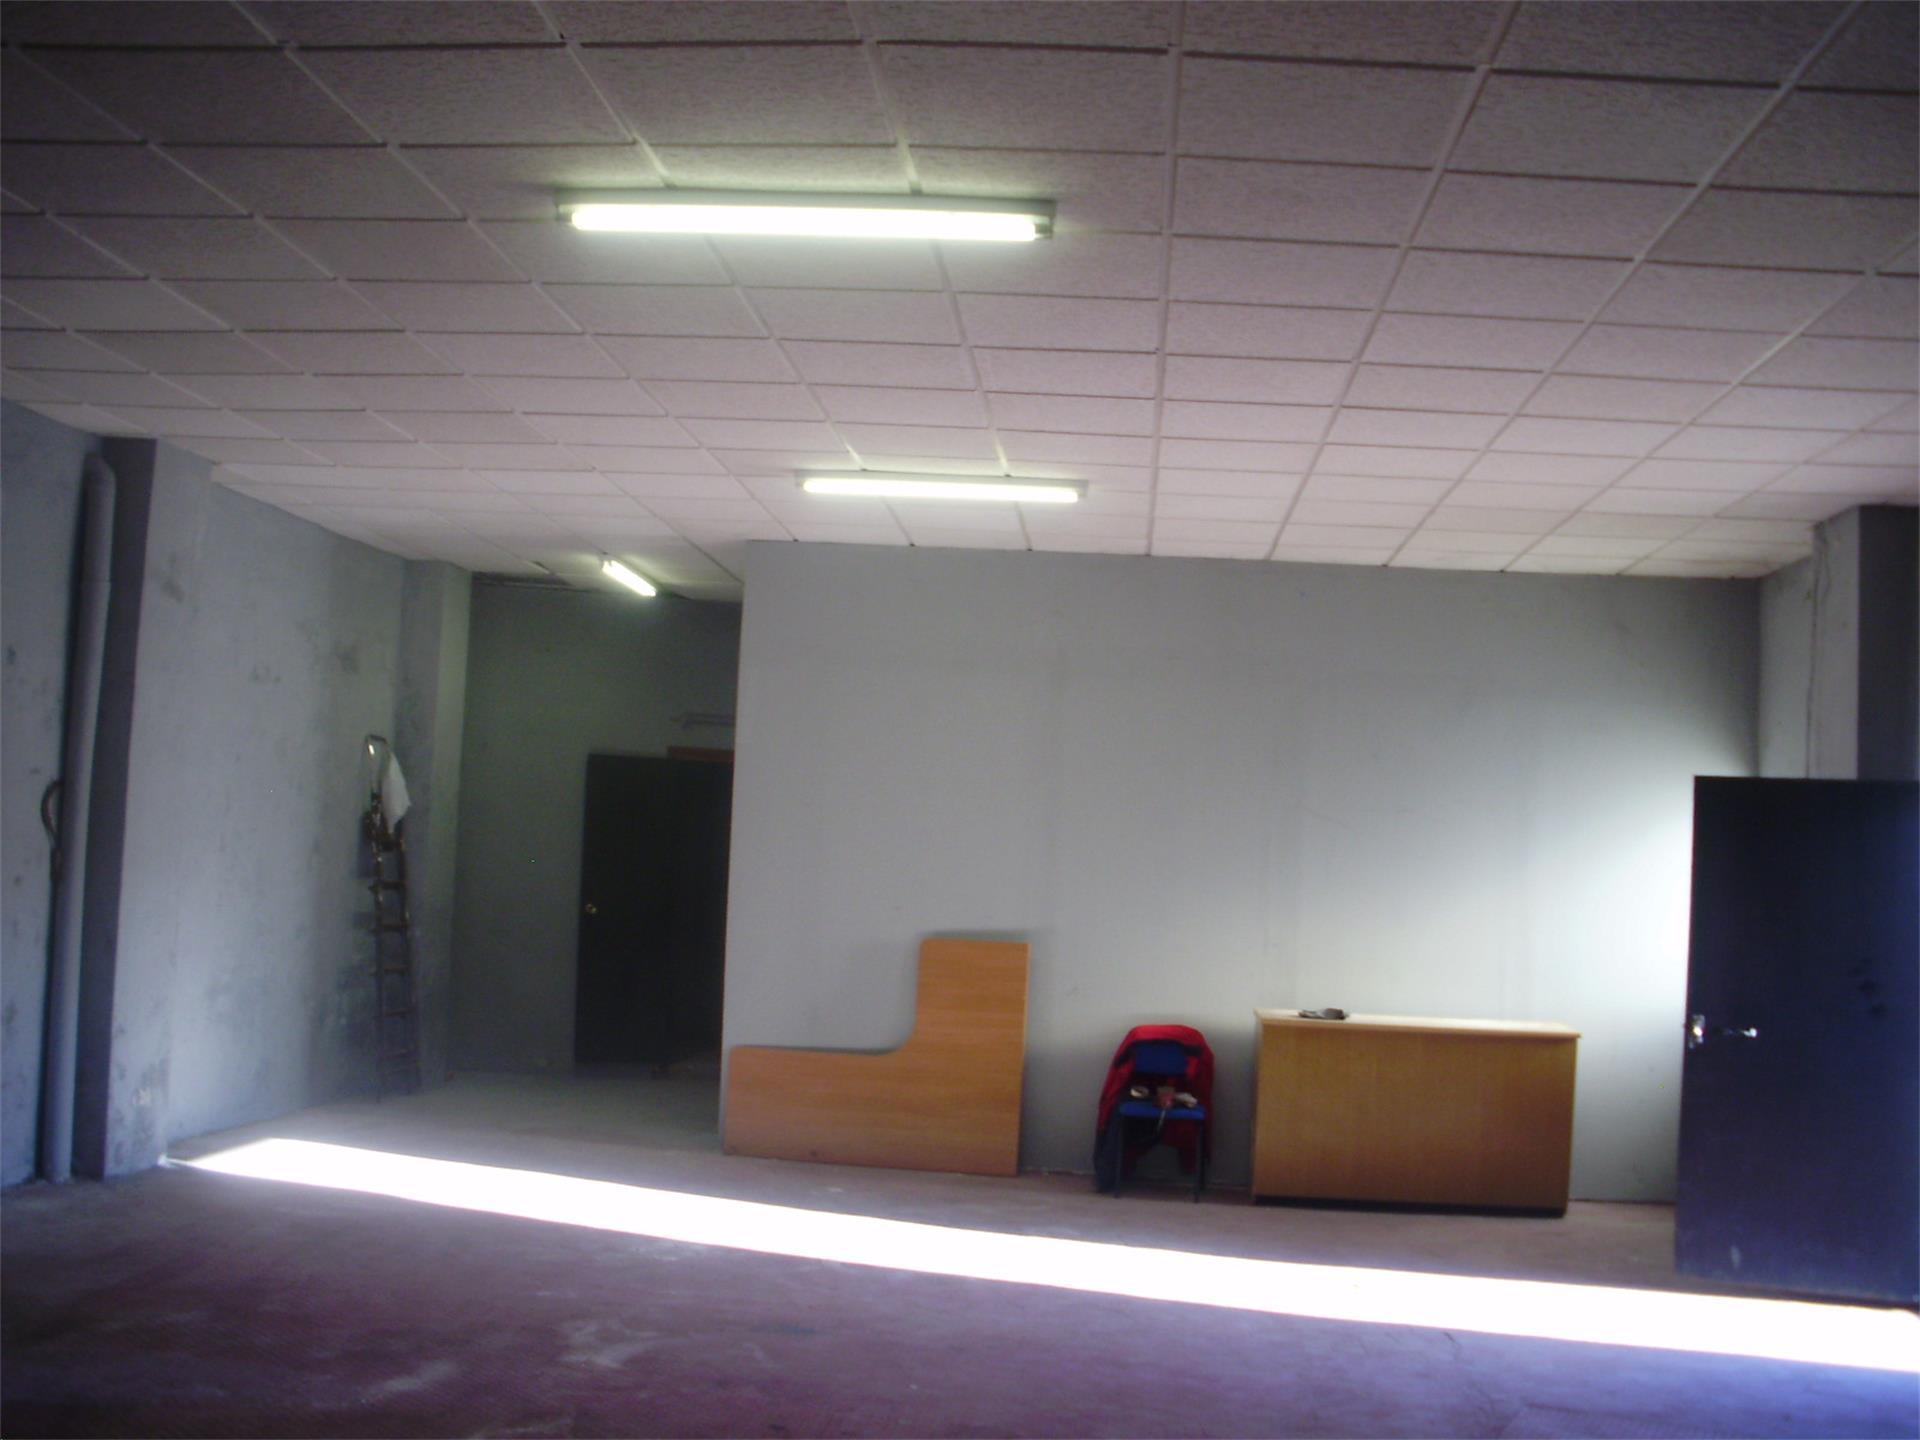 Nave industrial de alquiler en Calle San Hermenegildo, 3 Medina del Campo (Medina del Campo, Valladolid)